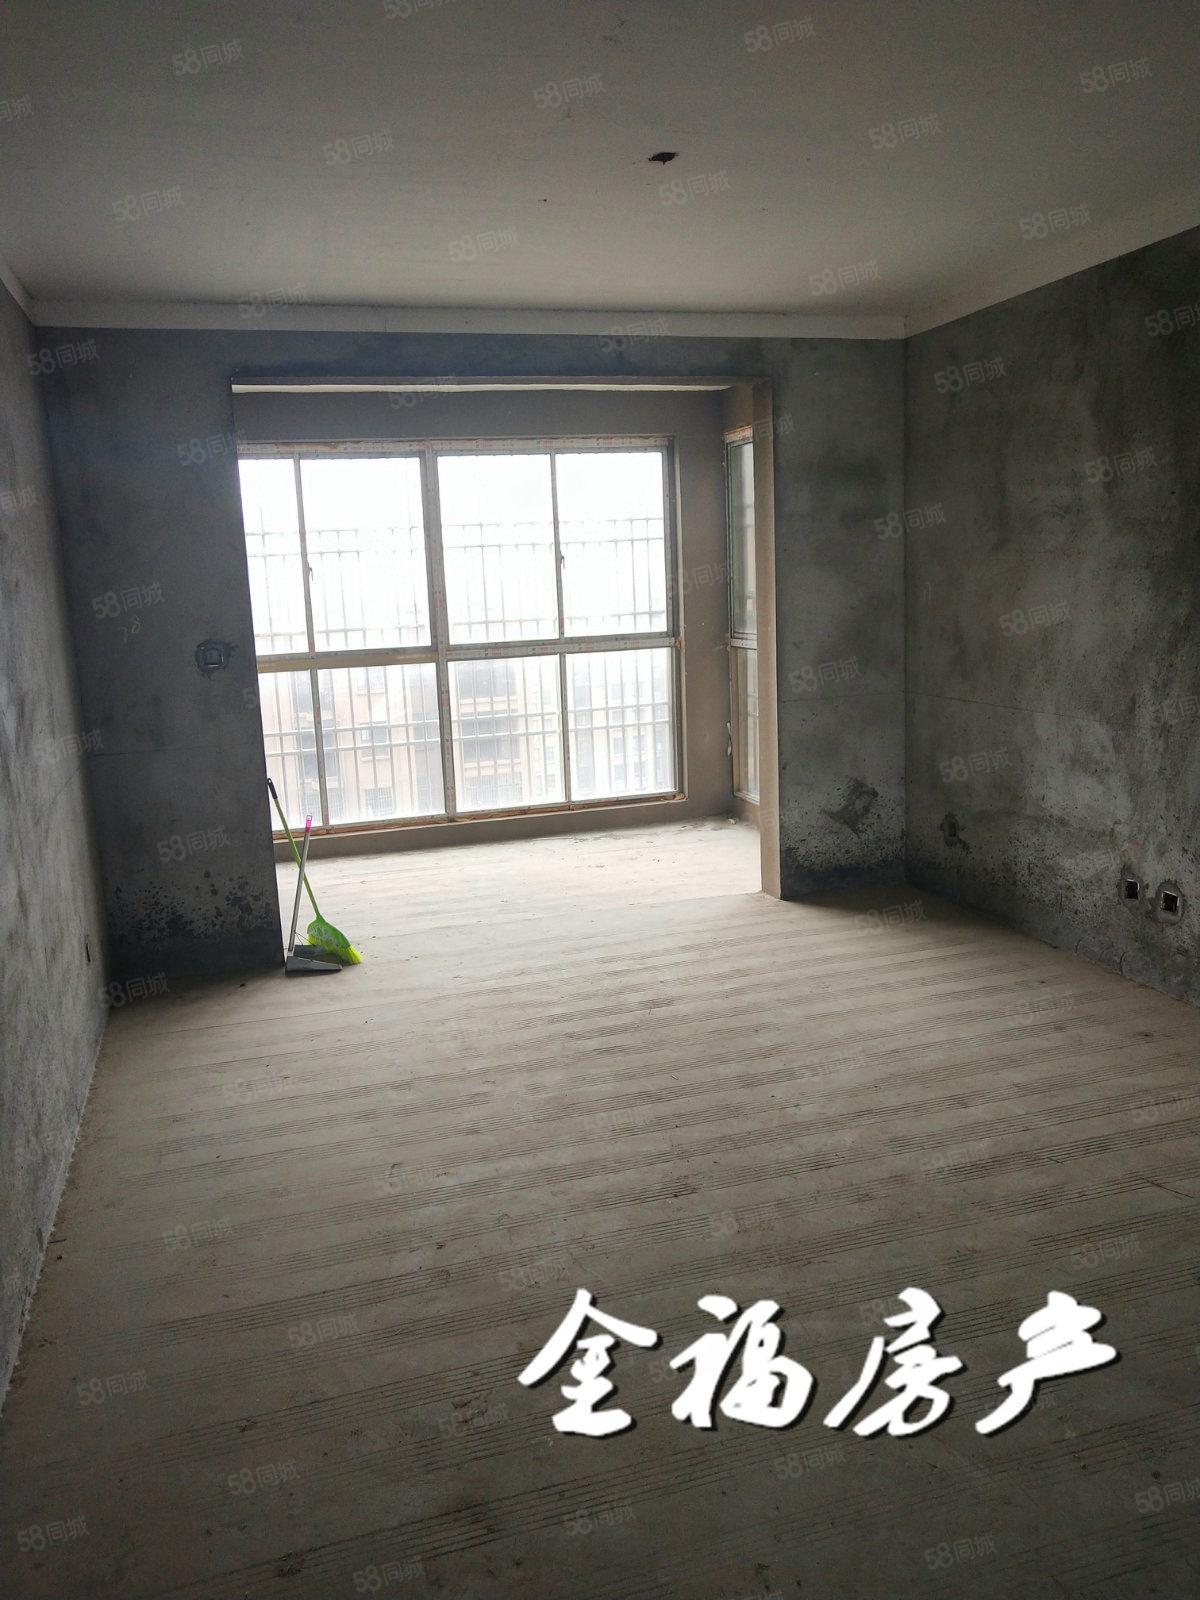 蓝鼎一期,3室2厅2卫,南北通透,前后均无遮挡,看房方便!